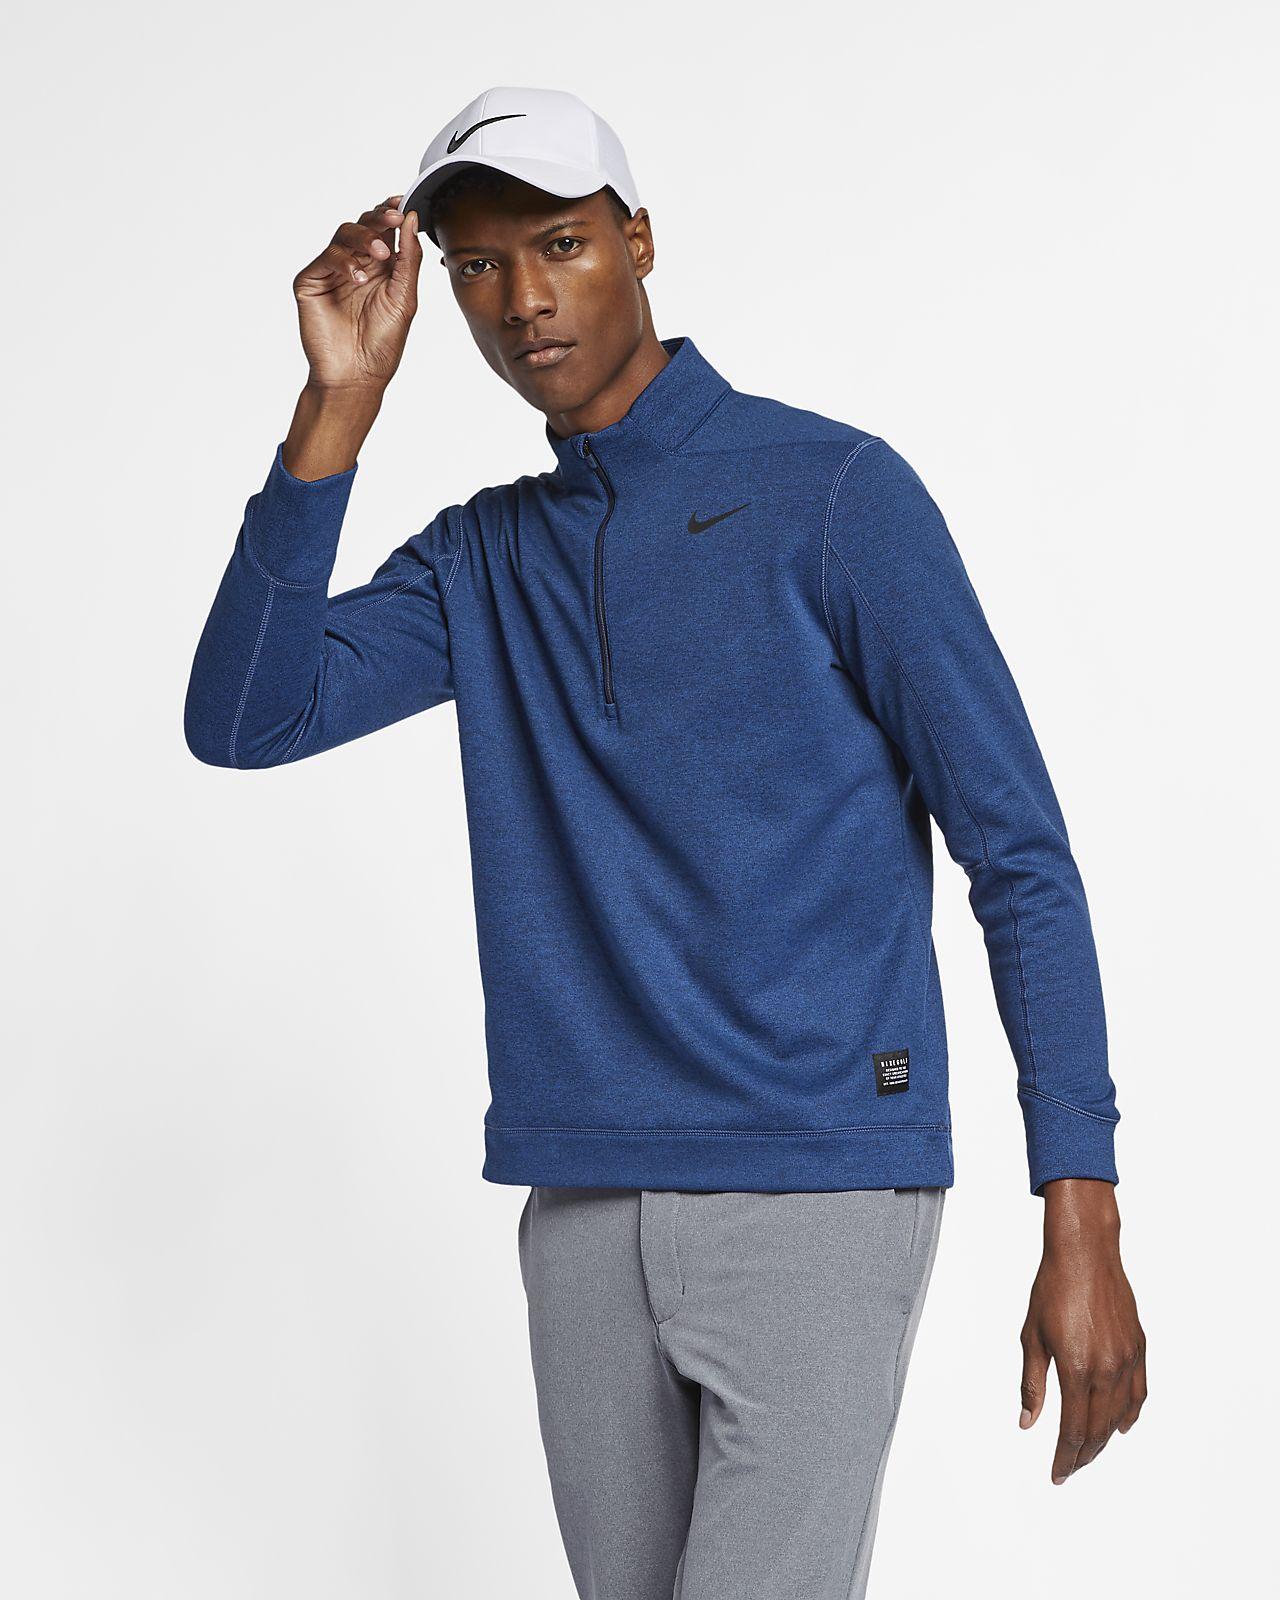 Camisola de golfe com fecho até meio Nike Therma Repel para homem